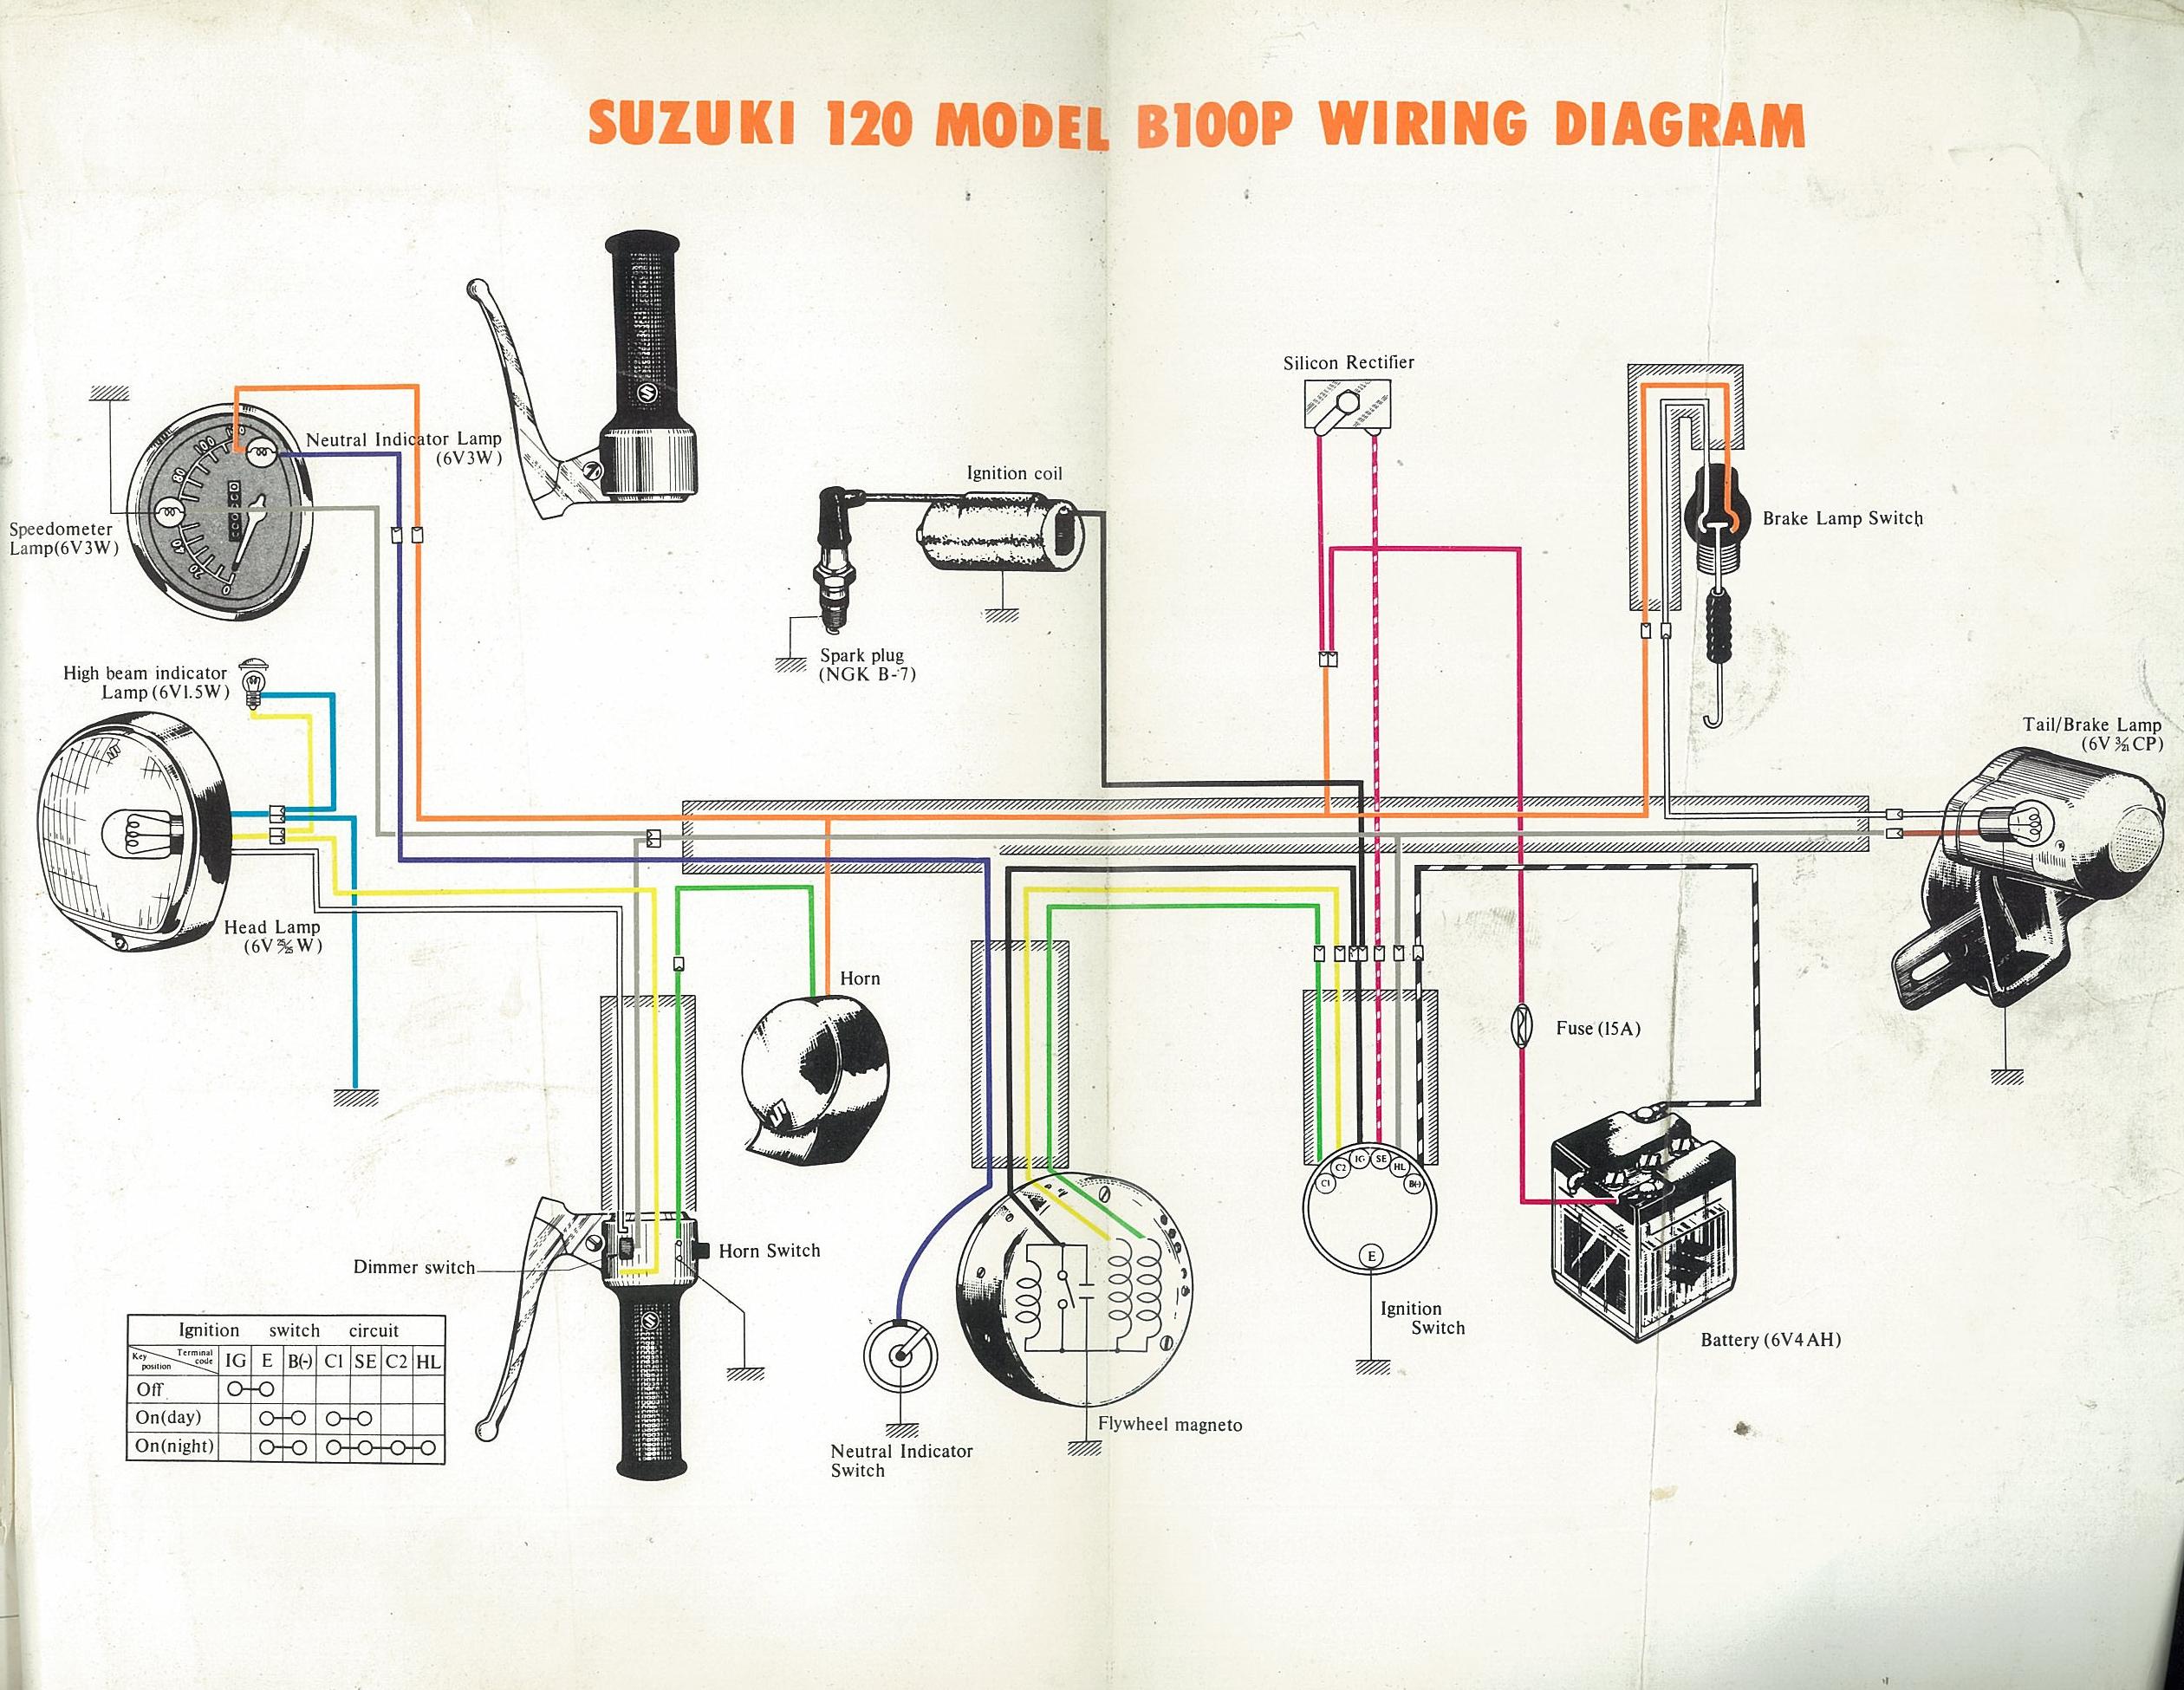 Wiring Diagram Of Suzuki Access - Ge Dishwasher Keypad Wiring Diagrams for  Wiring Diagram Schematics | Basic Wiring Suzuki |  | Wiring Diagram Schematics